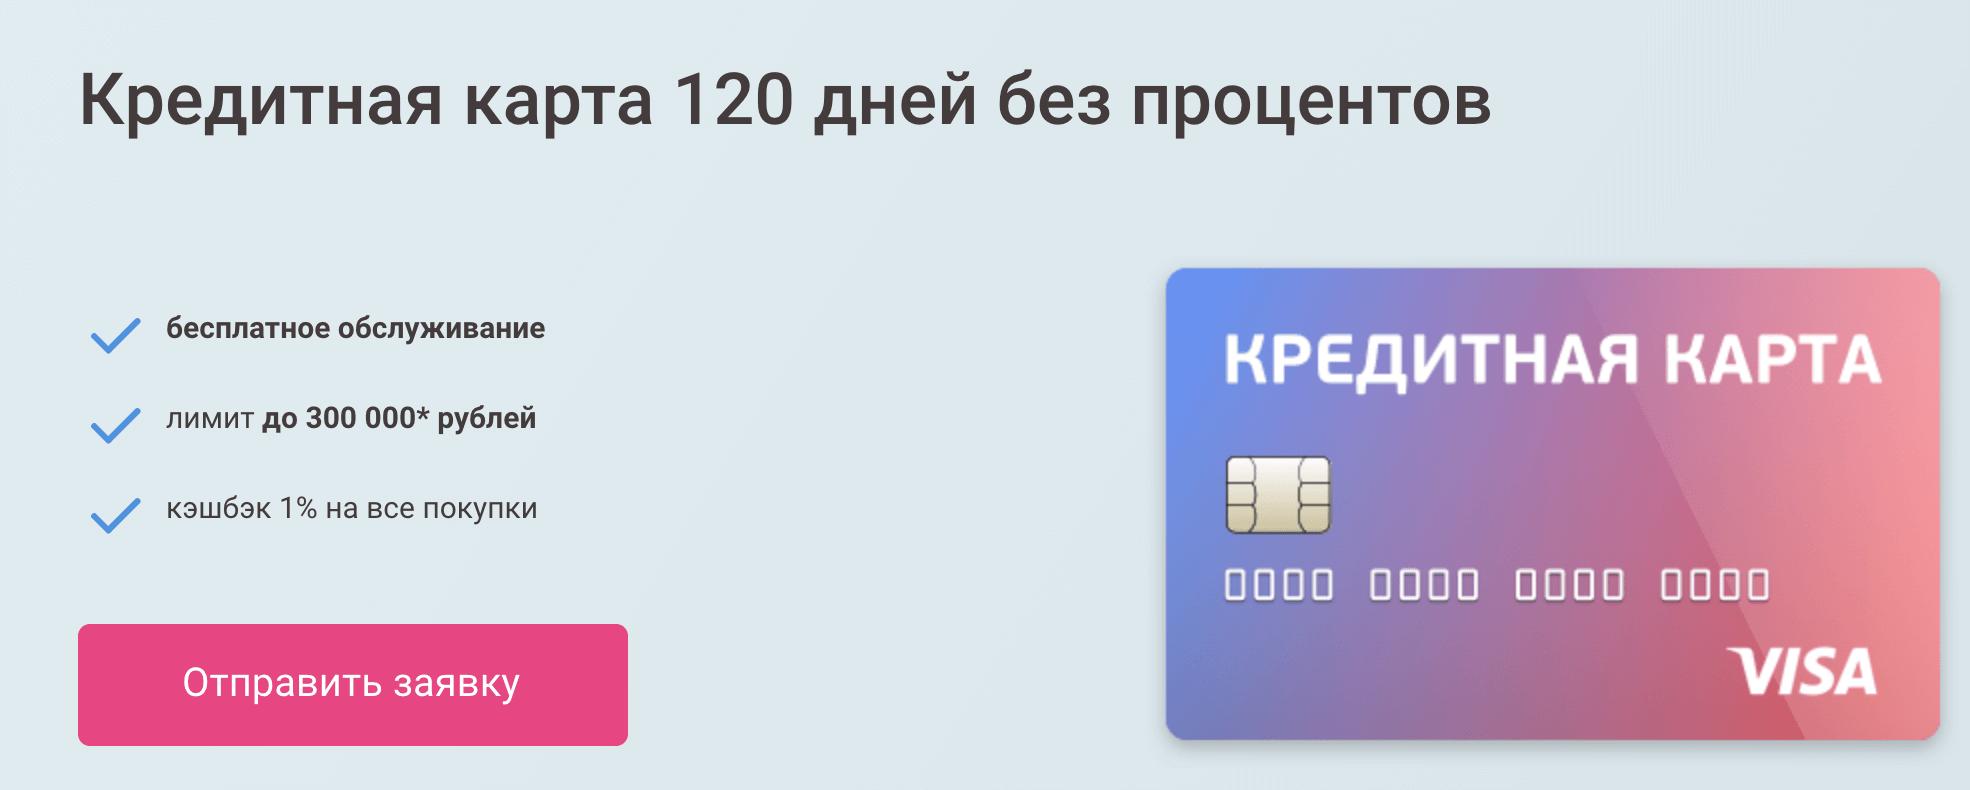 частные кредиты под расписку без предоплаты у частных лиц москва 2020